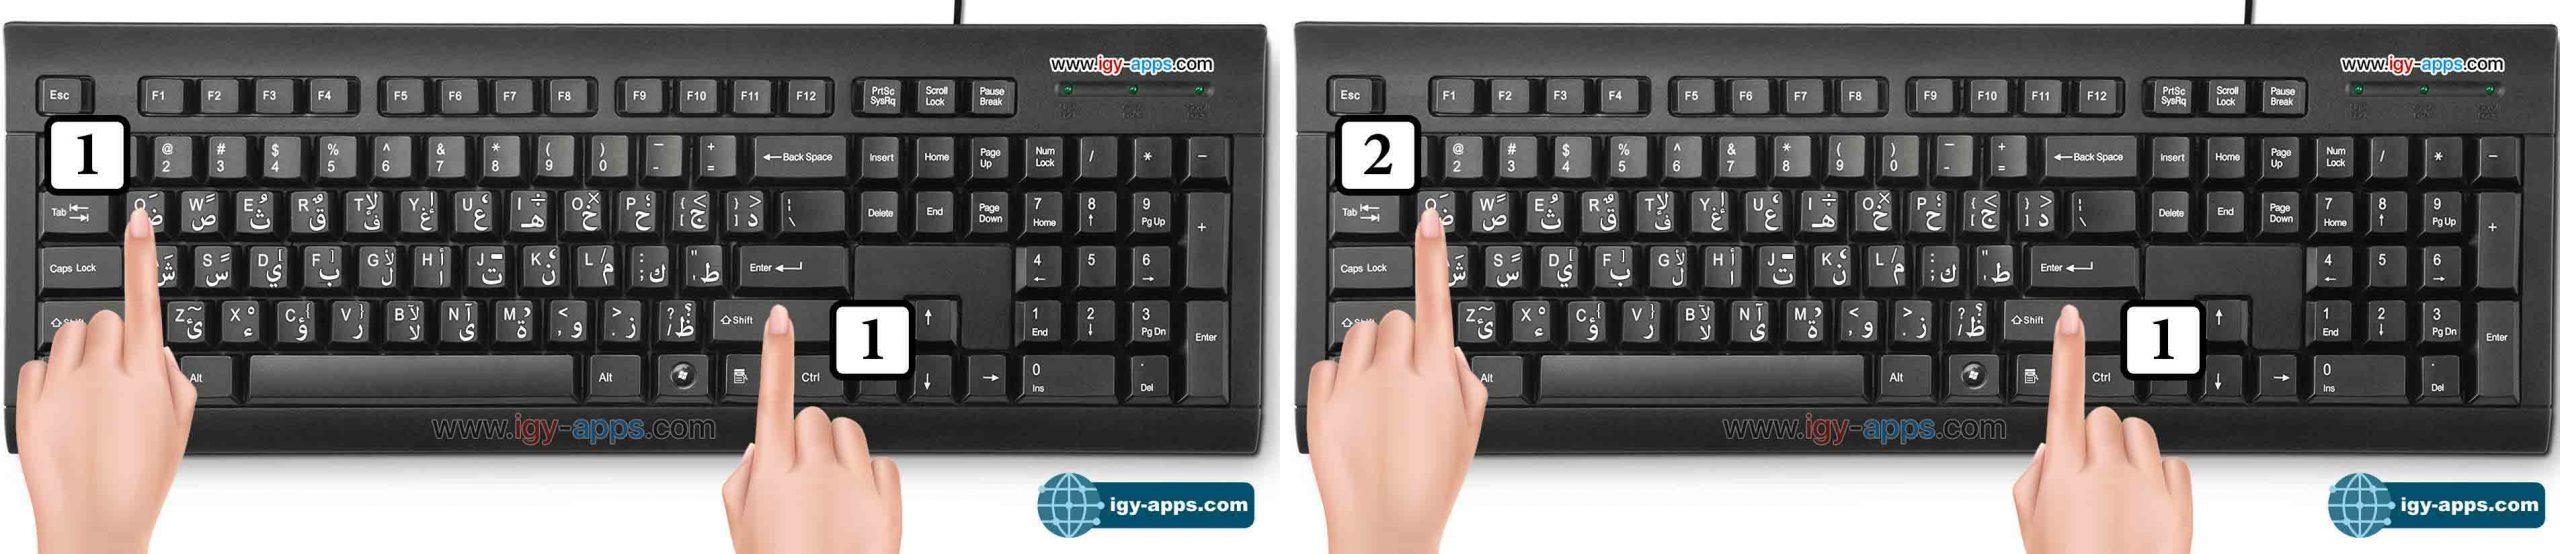 طرق-الضغط-على-لوحة-المفاتيح-لعمل-الإختصارات